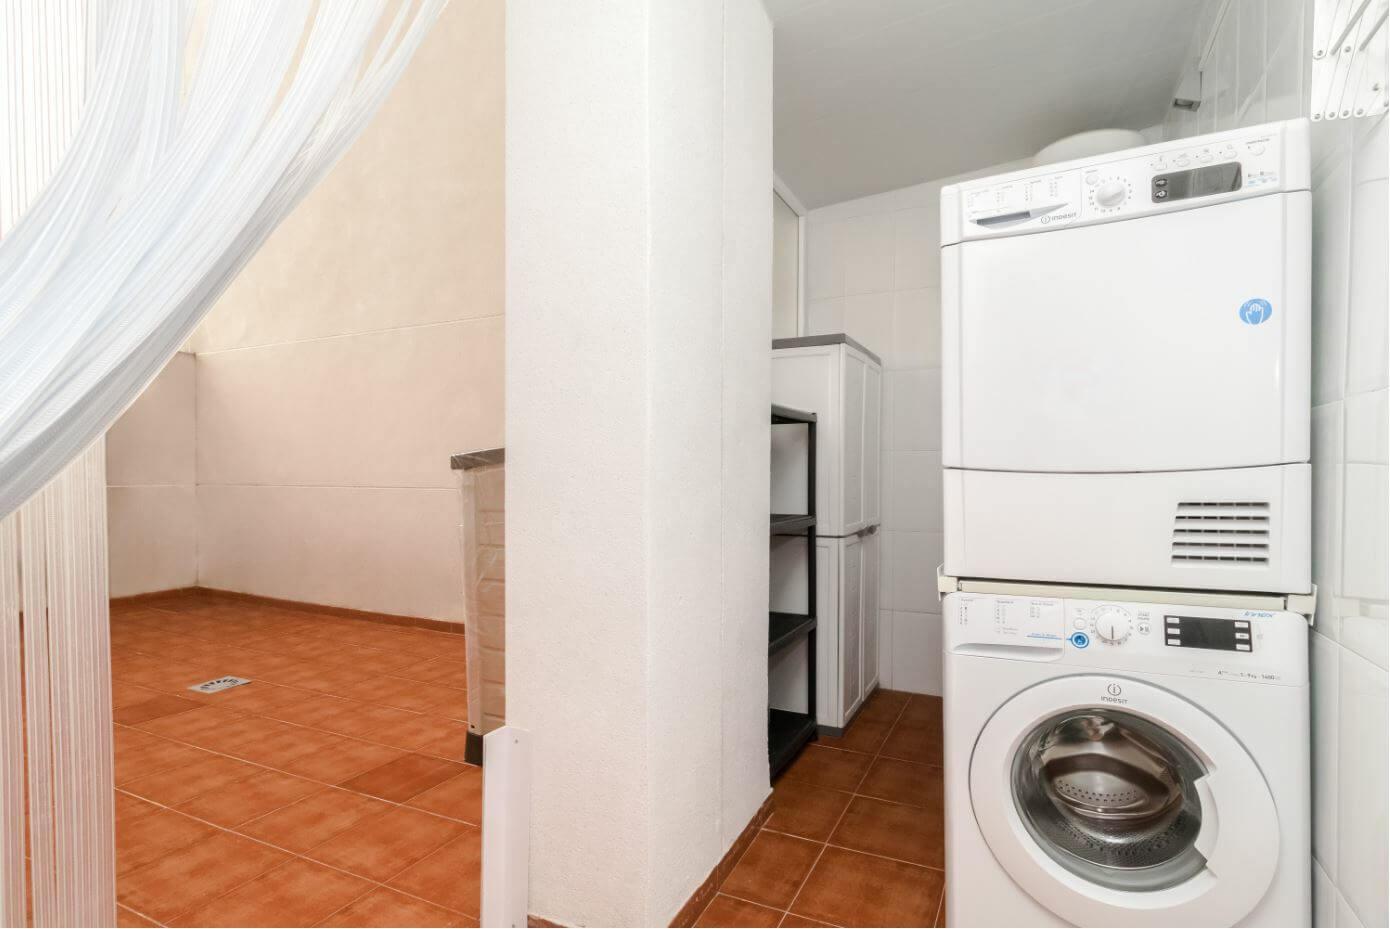 Apartmán 3+1 s velkým soukromým dvorem